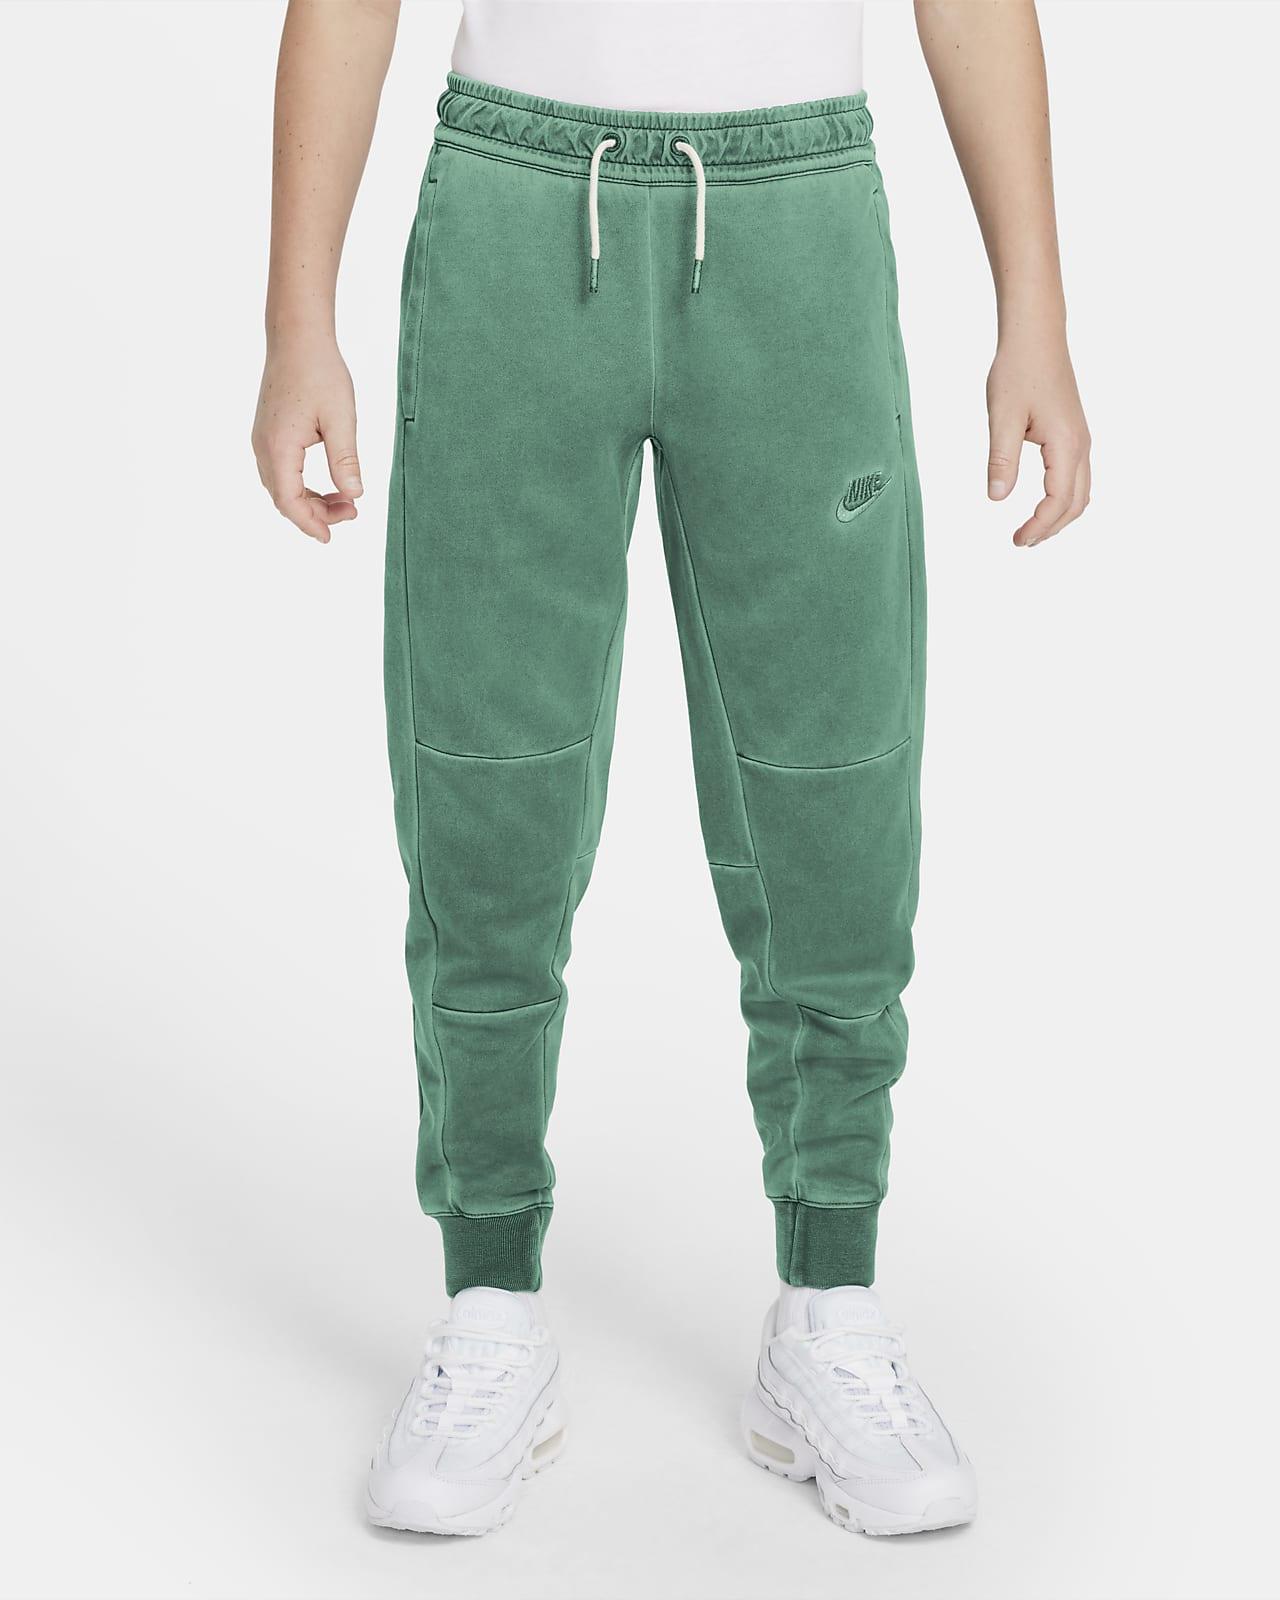 Nike Sportswear Older Kids' Jersey Trousers